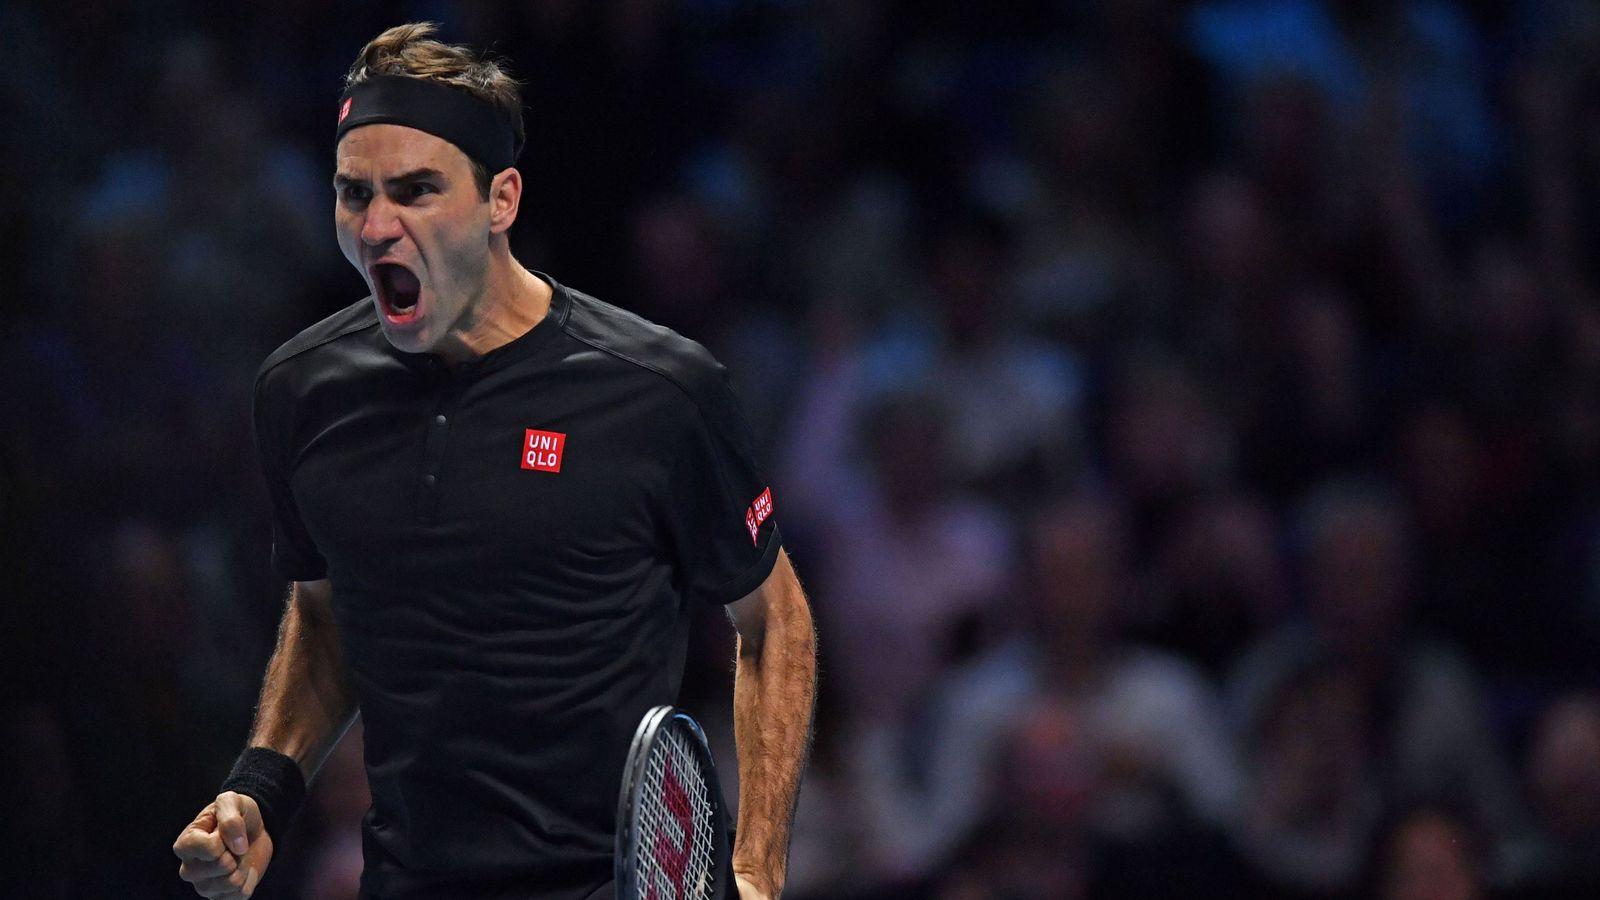 Roger Federer schlägt Novak Djokovic und steht im Halbfinale der ATP-Finals - Sky Sport